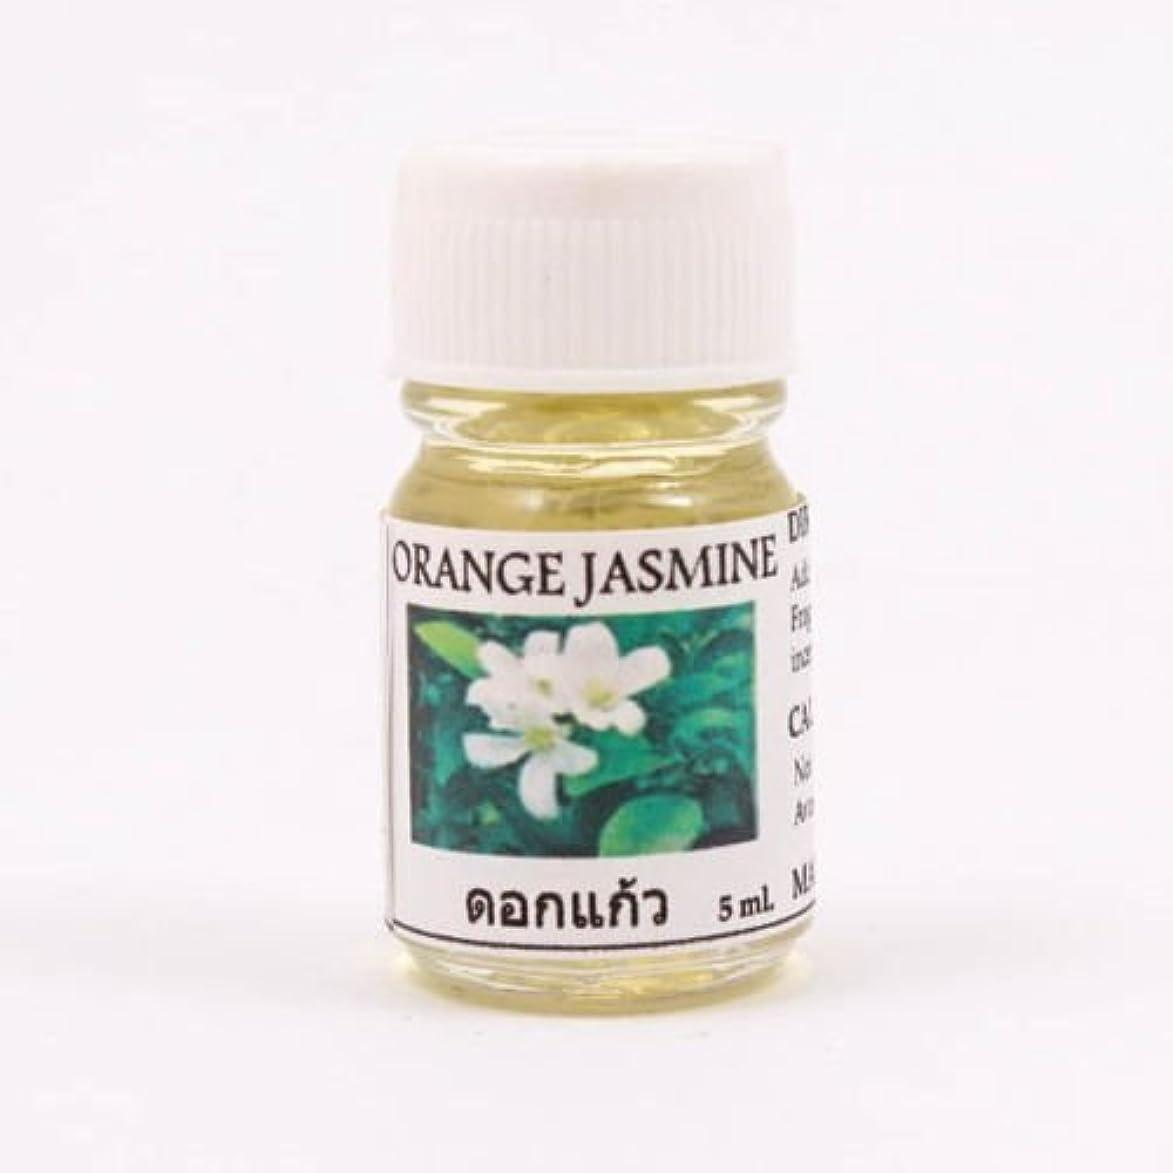 動力学拮抗アクセル6X Orange Jasmine Aroma Fragrance Essential Oil 5ML. (cc) Diffuser Burner